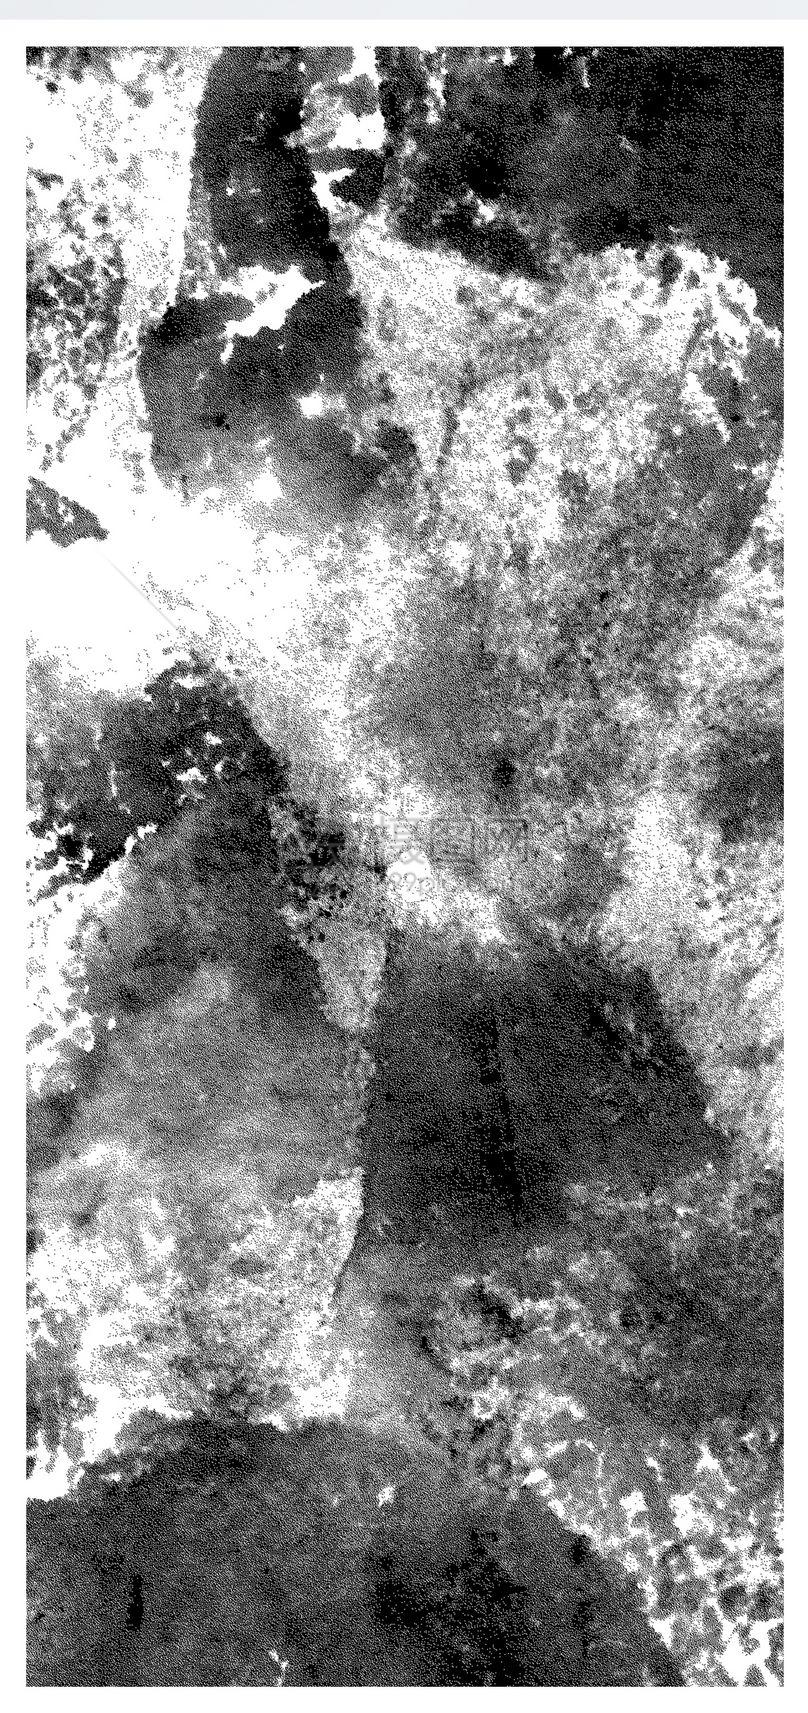 水墨喷溅手机壁纸图片